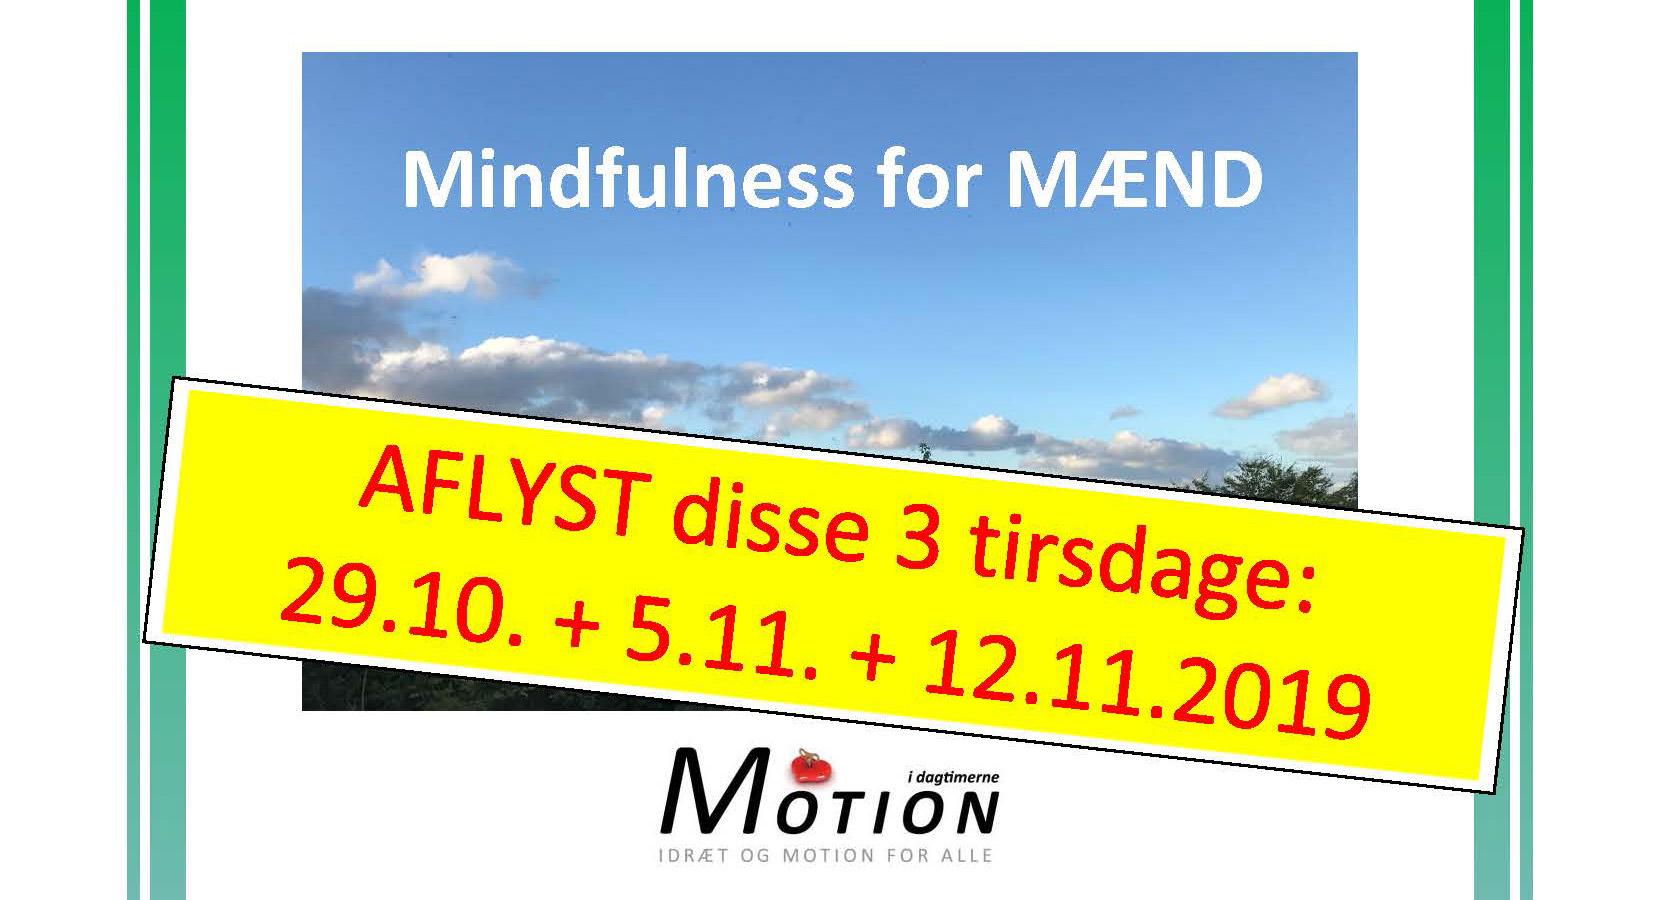 mindfulness-for-maend-aflysning-tre-gange